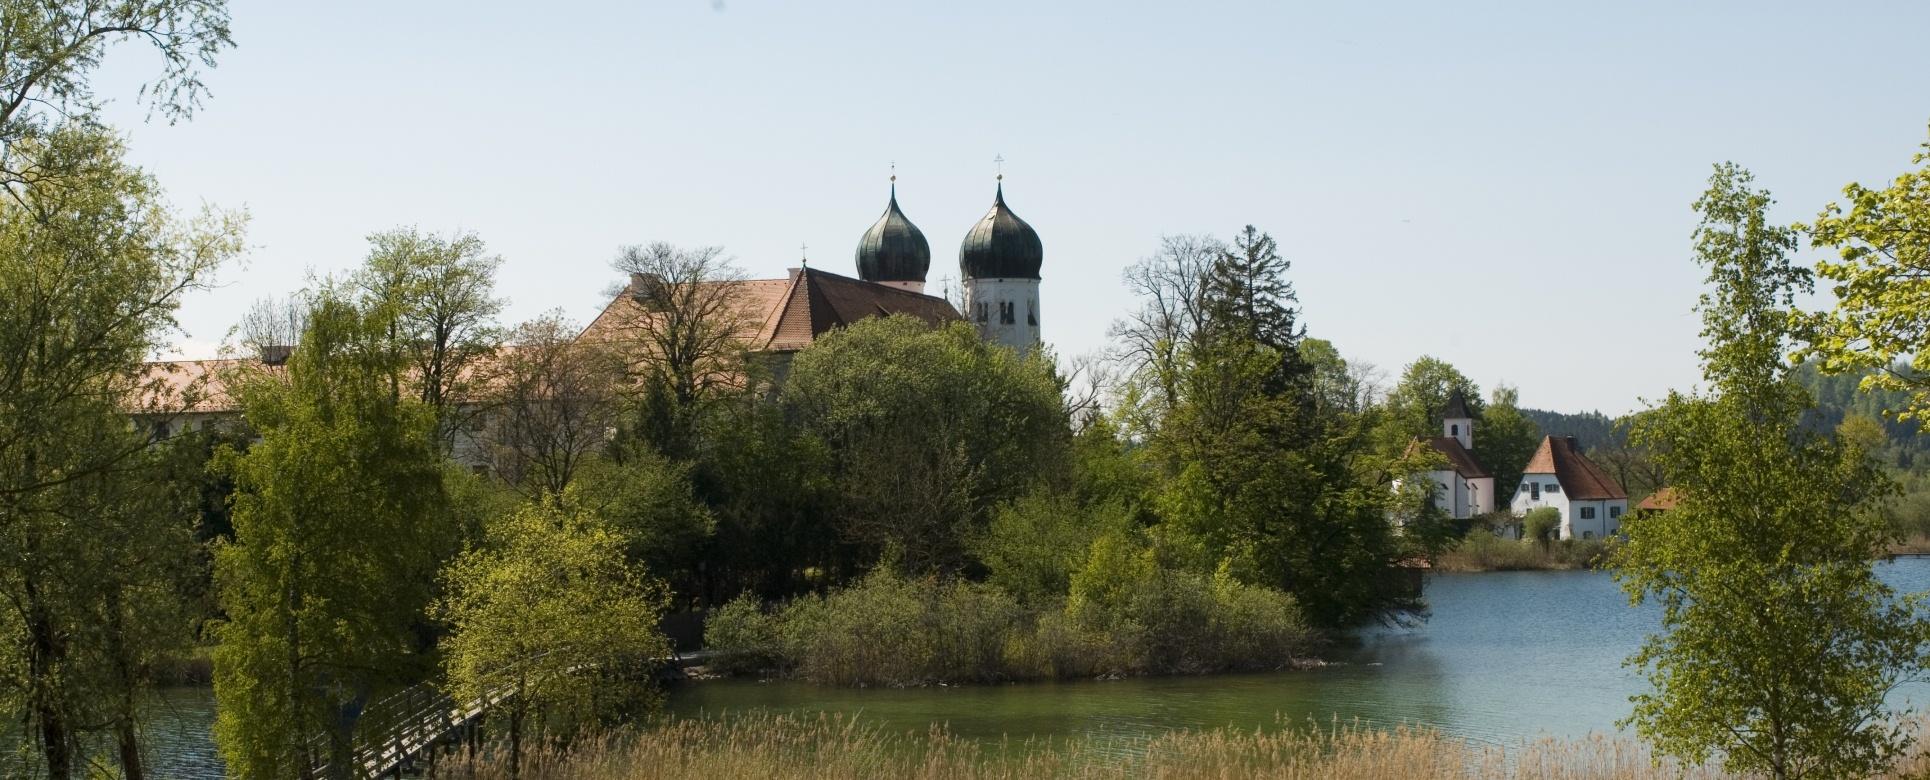 Idyllisches Plätzchen - Kloster Seeon, © Tourist-Information Seebruck